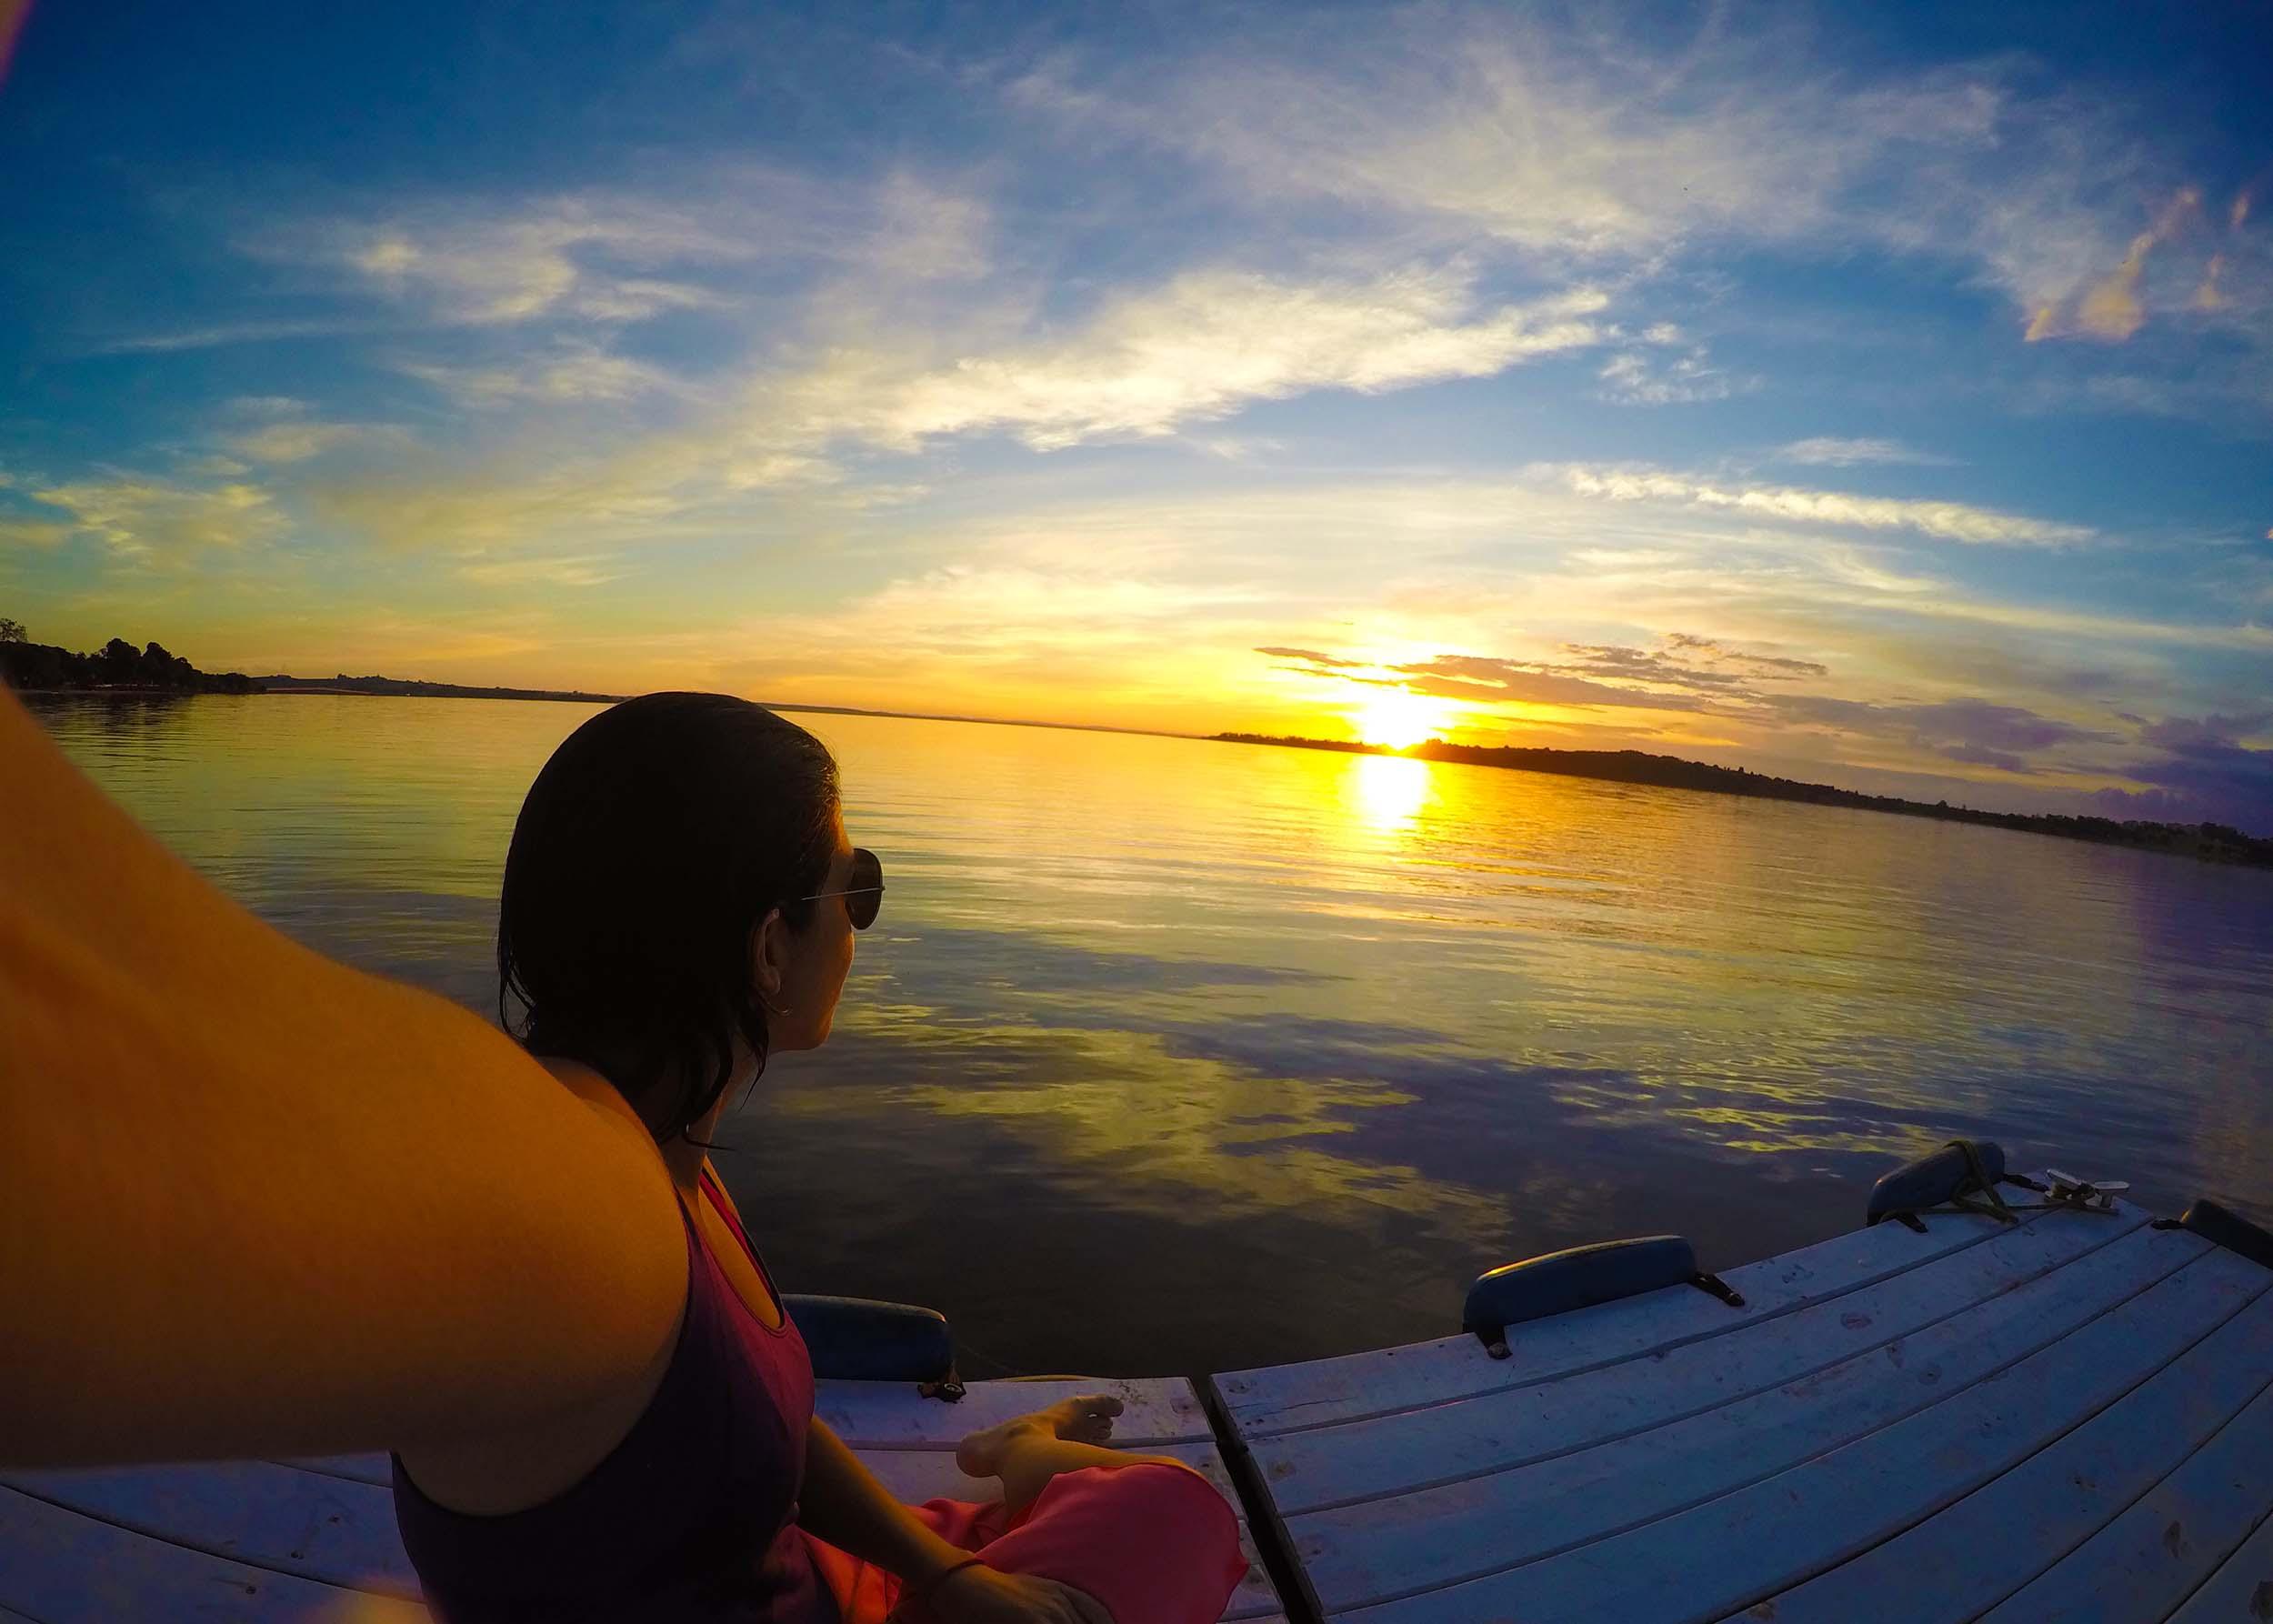 Pôr do Sol na represa de Jurumirim em Avaré